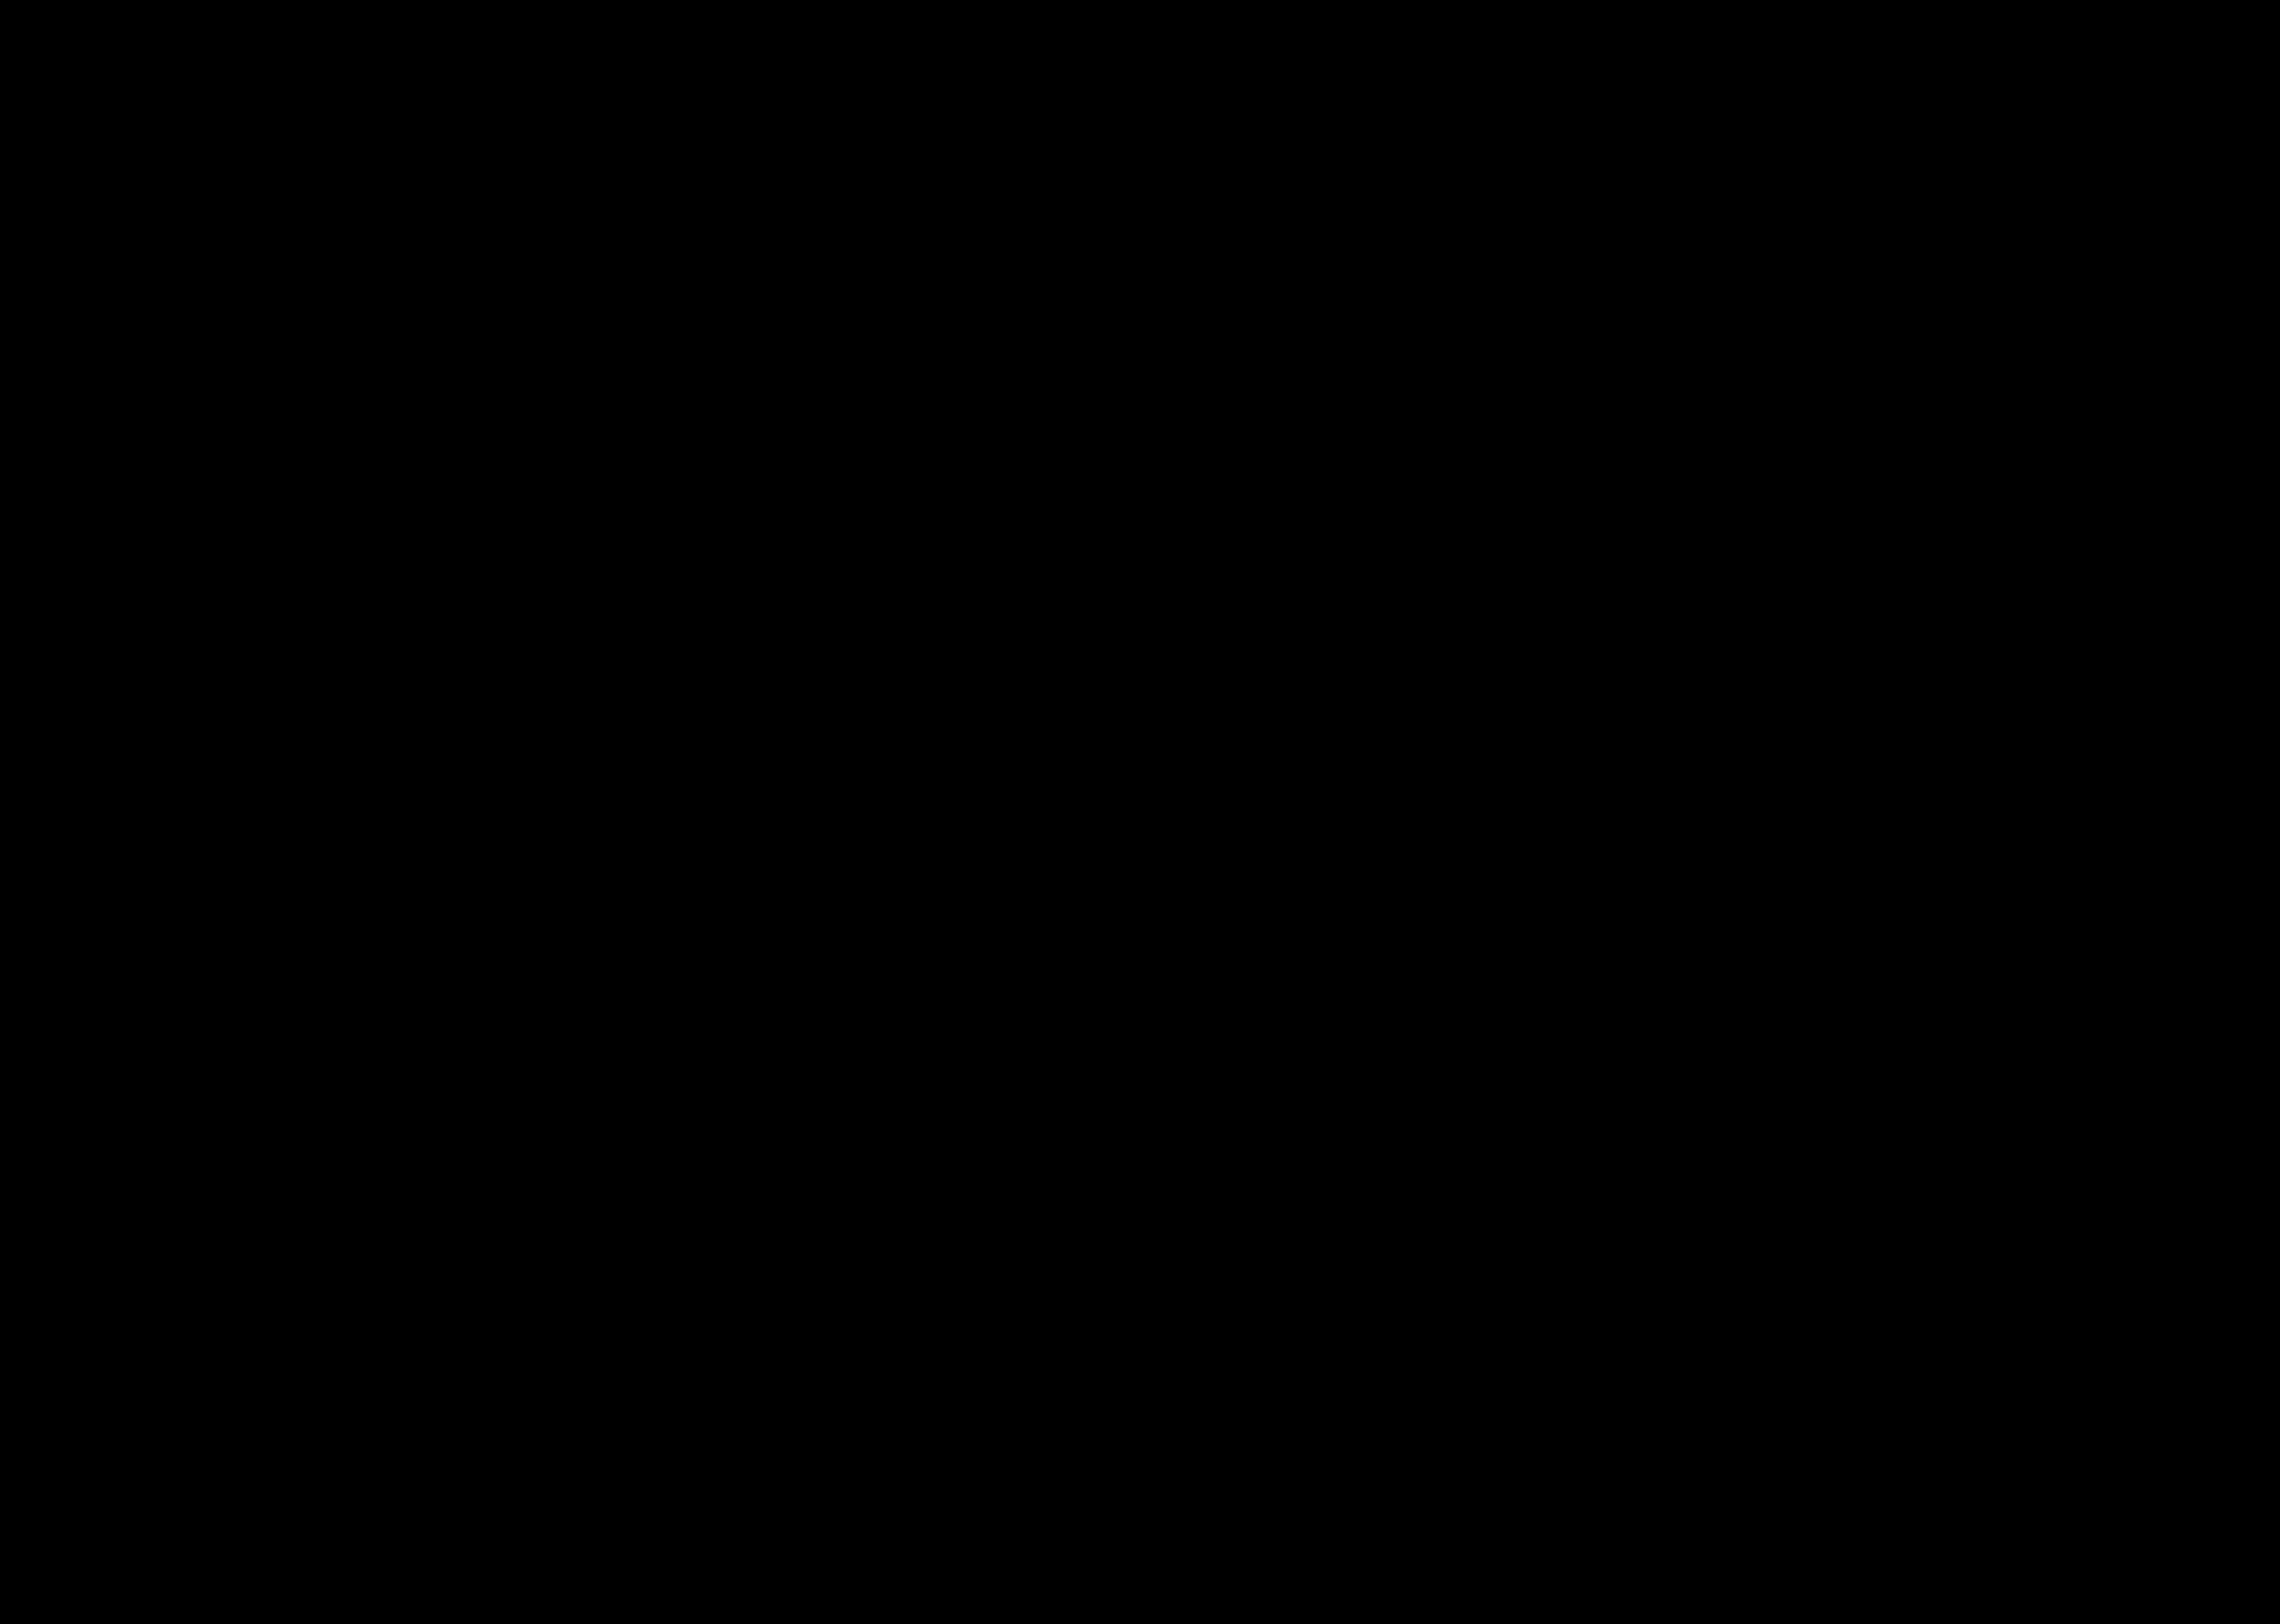 Plan 2014 140 - Au 42 Iglemyr-A1-L